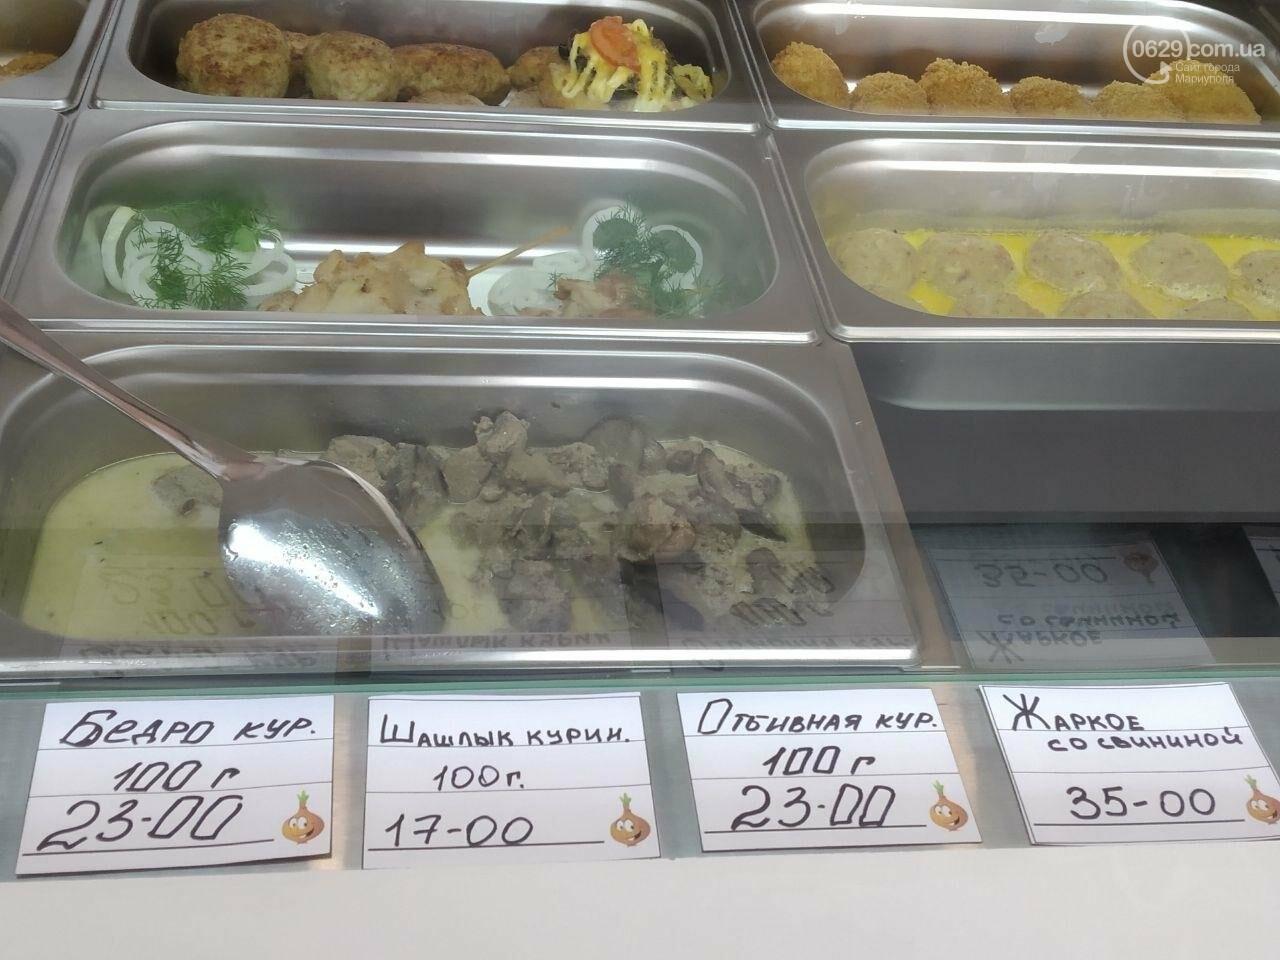 «Донецкий куркуль» из Одессы открыл кафе в Мариуполе, - ФОТО, фото-4